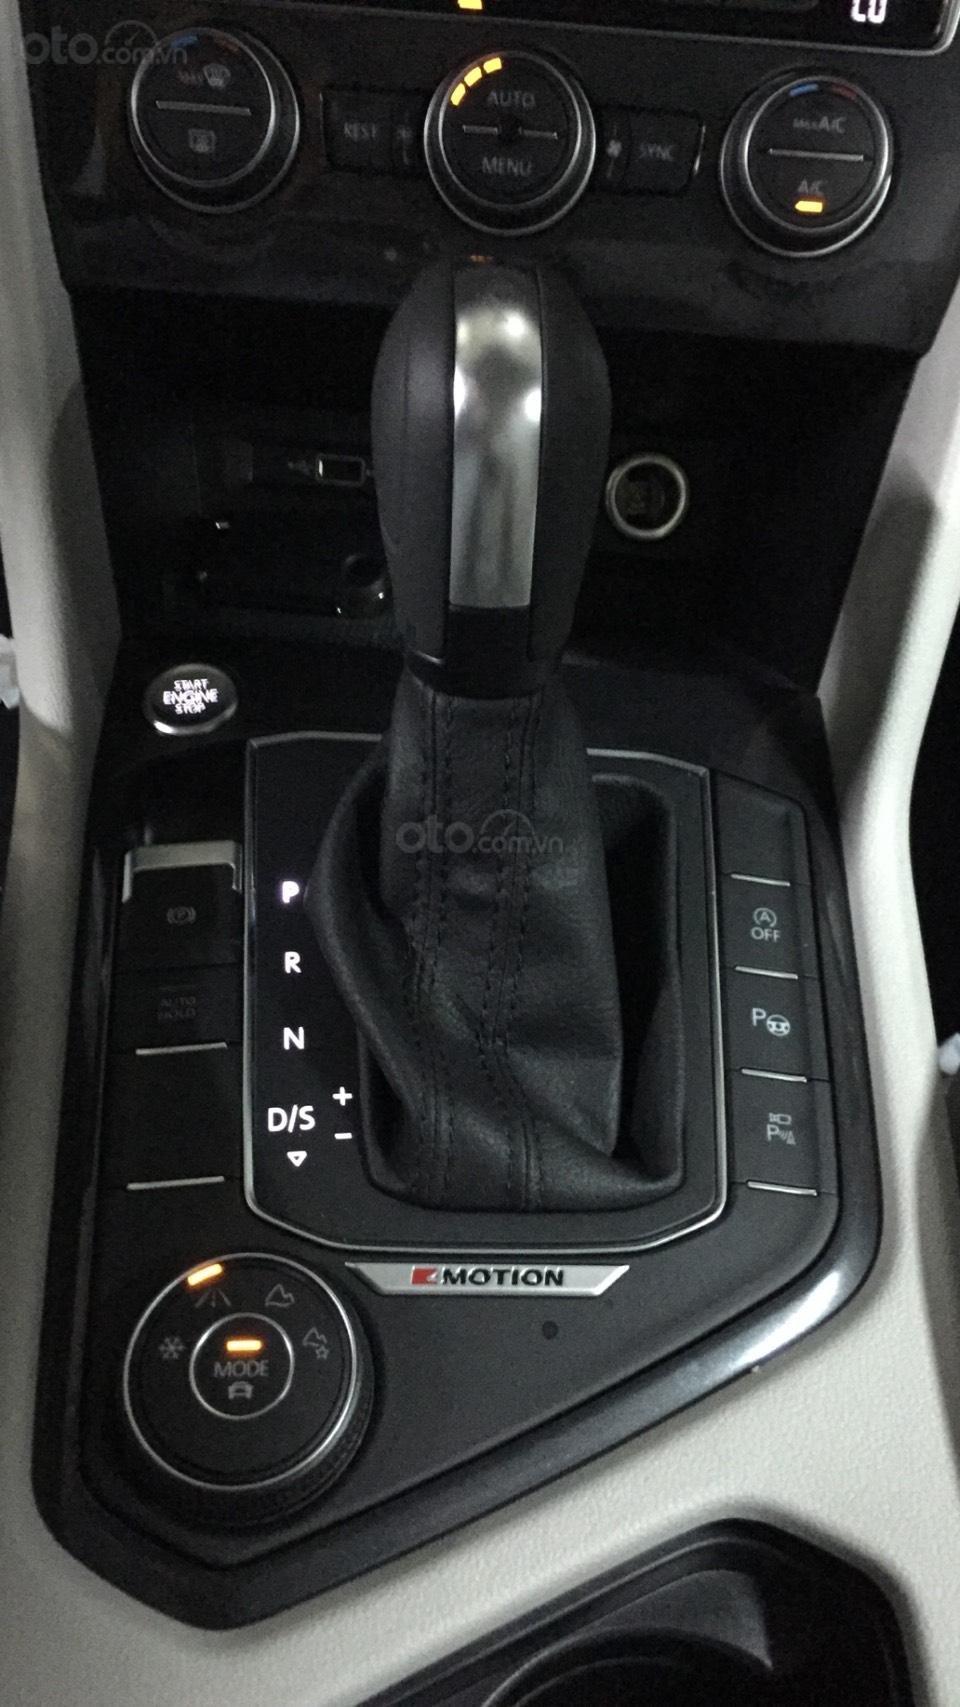 Volkswagen Tiguan Luxury S 2021 những nâng cấp khác biệt đáng quan tâm (6)